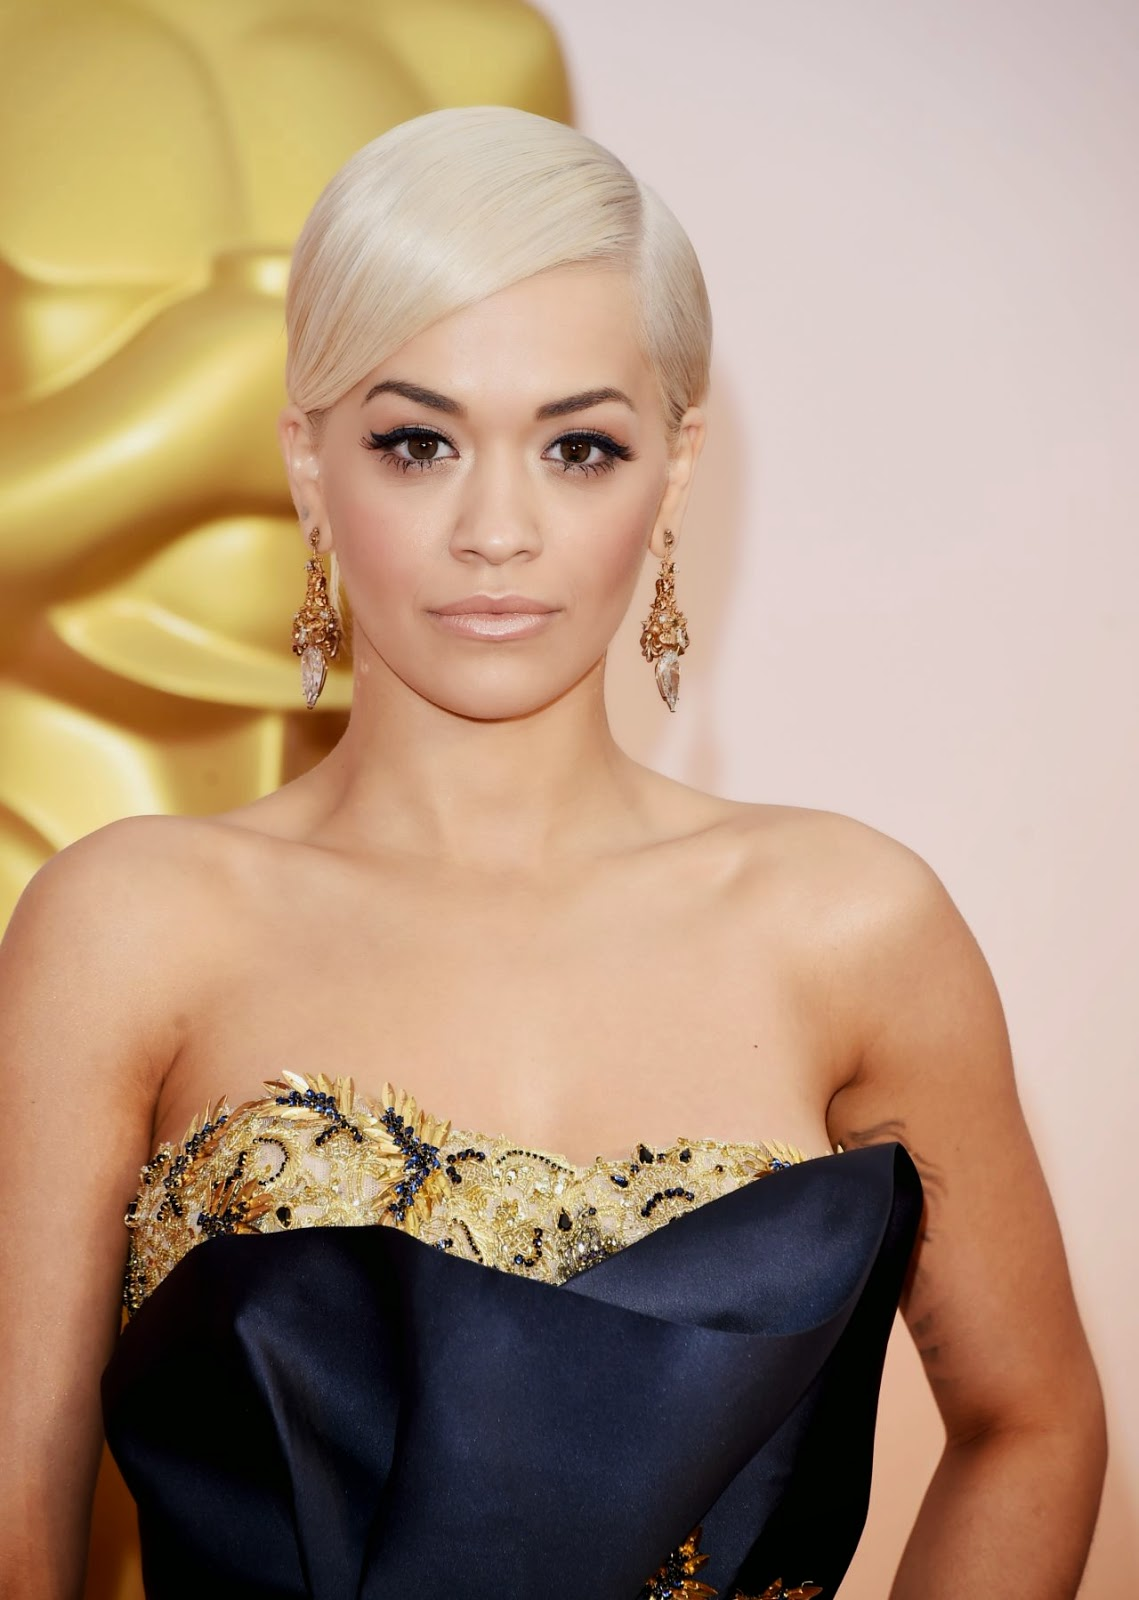 Rita Ora Fashion Shoot Photos: Rita Ora Wears A Marchesa Corset Gown To The 2015 Oscars